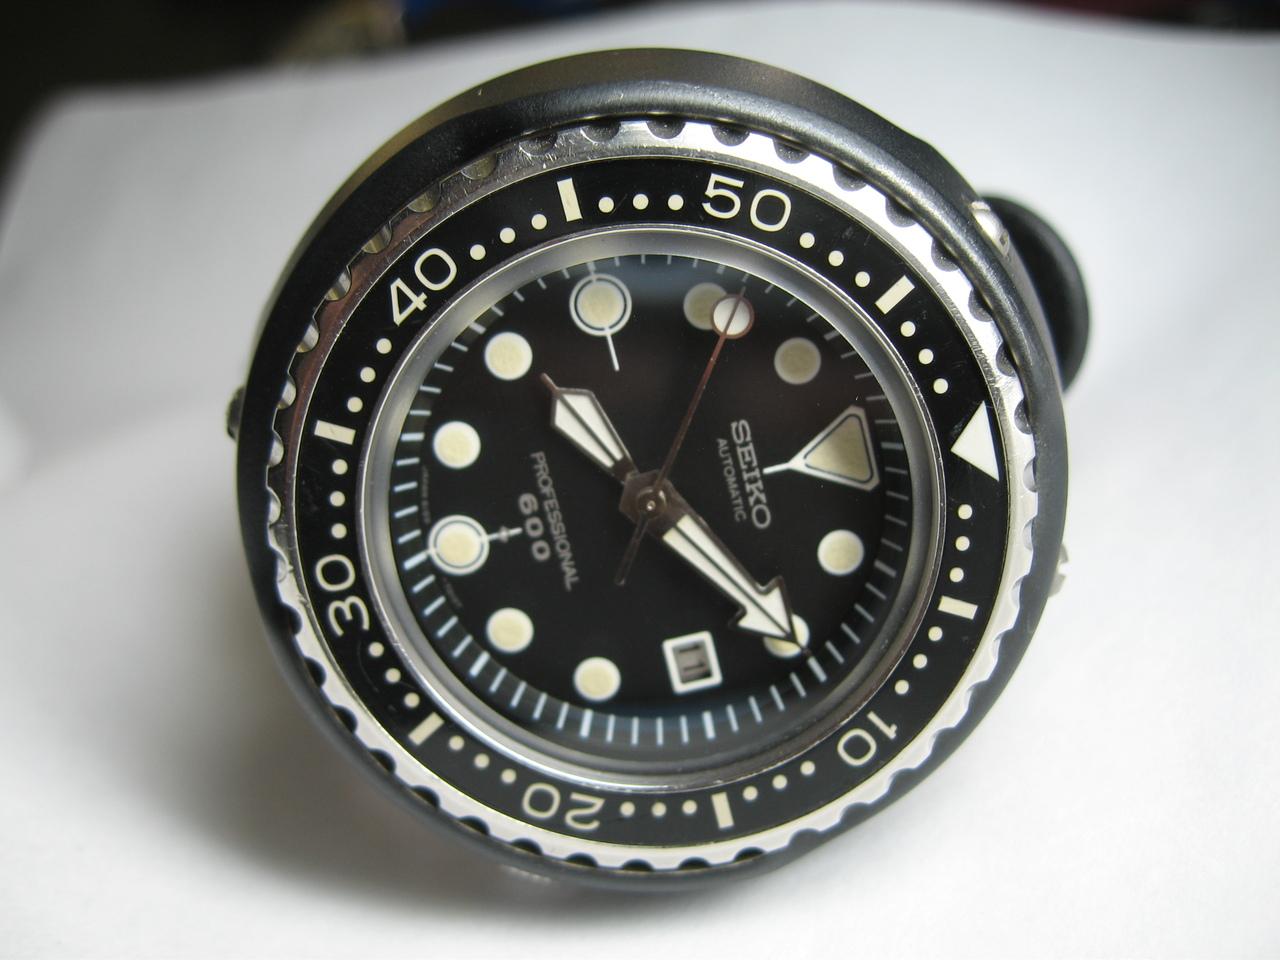 Mi colección de Seikos, parte 39, el 6159 766641d1342582572-show-your-6159-7010-tuna-img1701ex